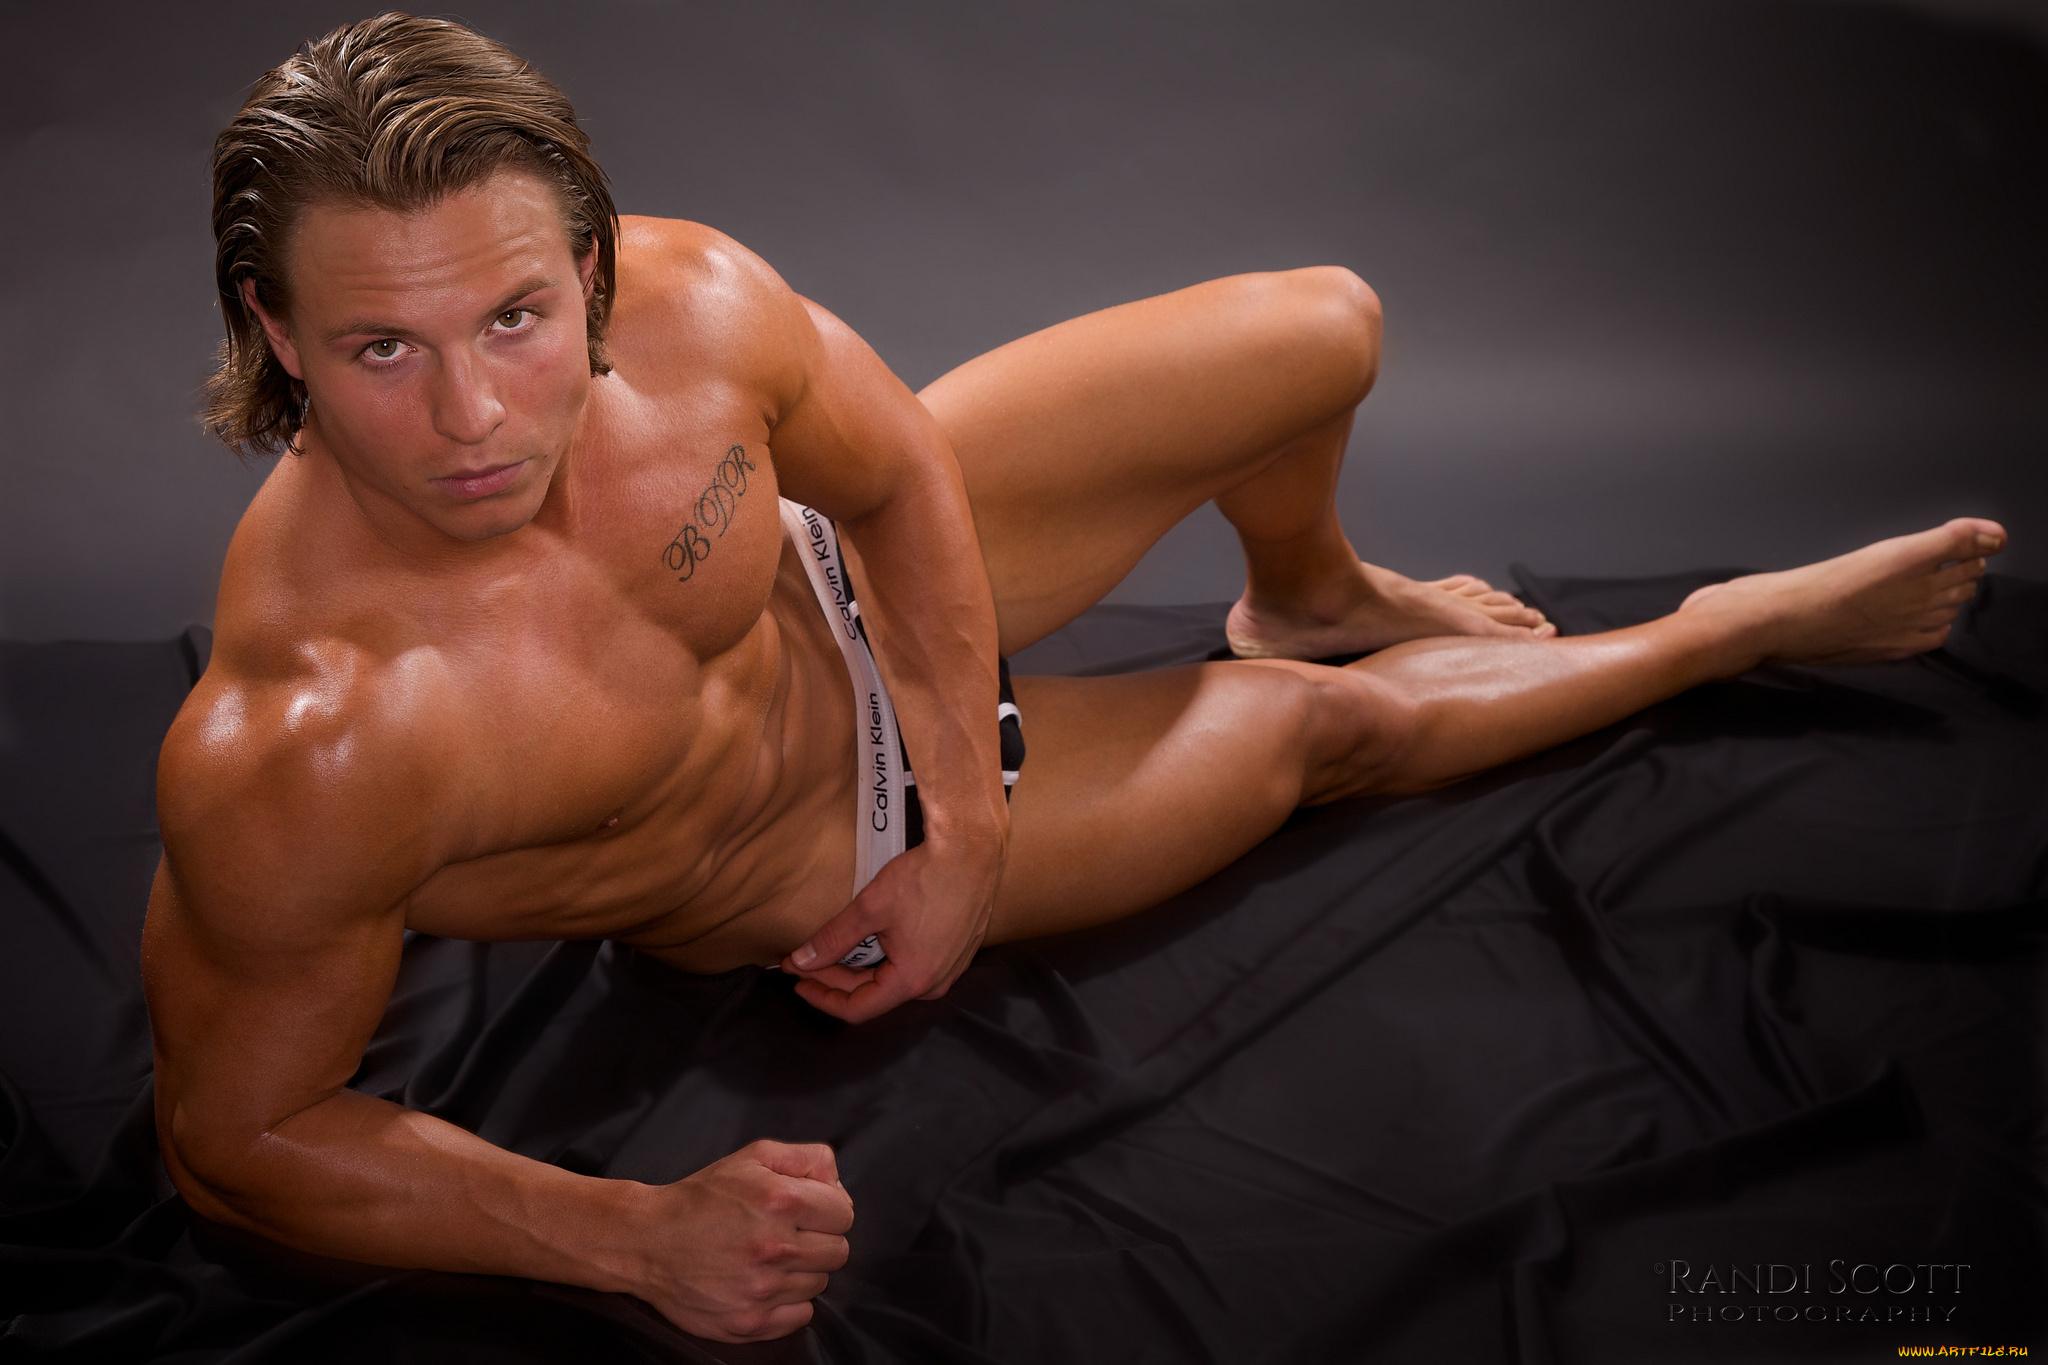 Секс с мускулистым парнем фото, Чешские бисексуалки наслаждаются сексом втроем на 17 фотография